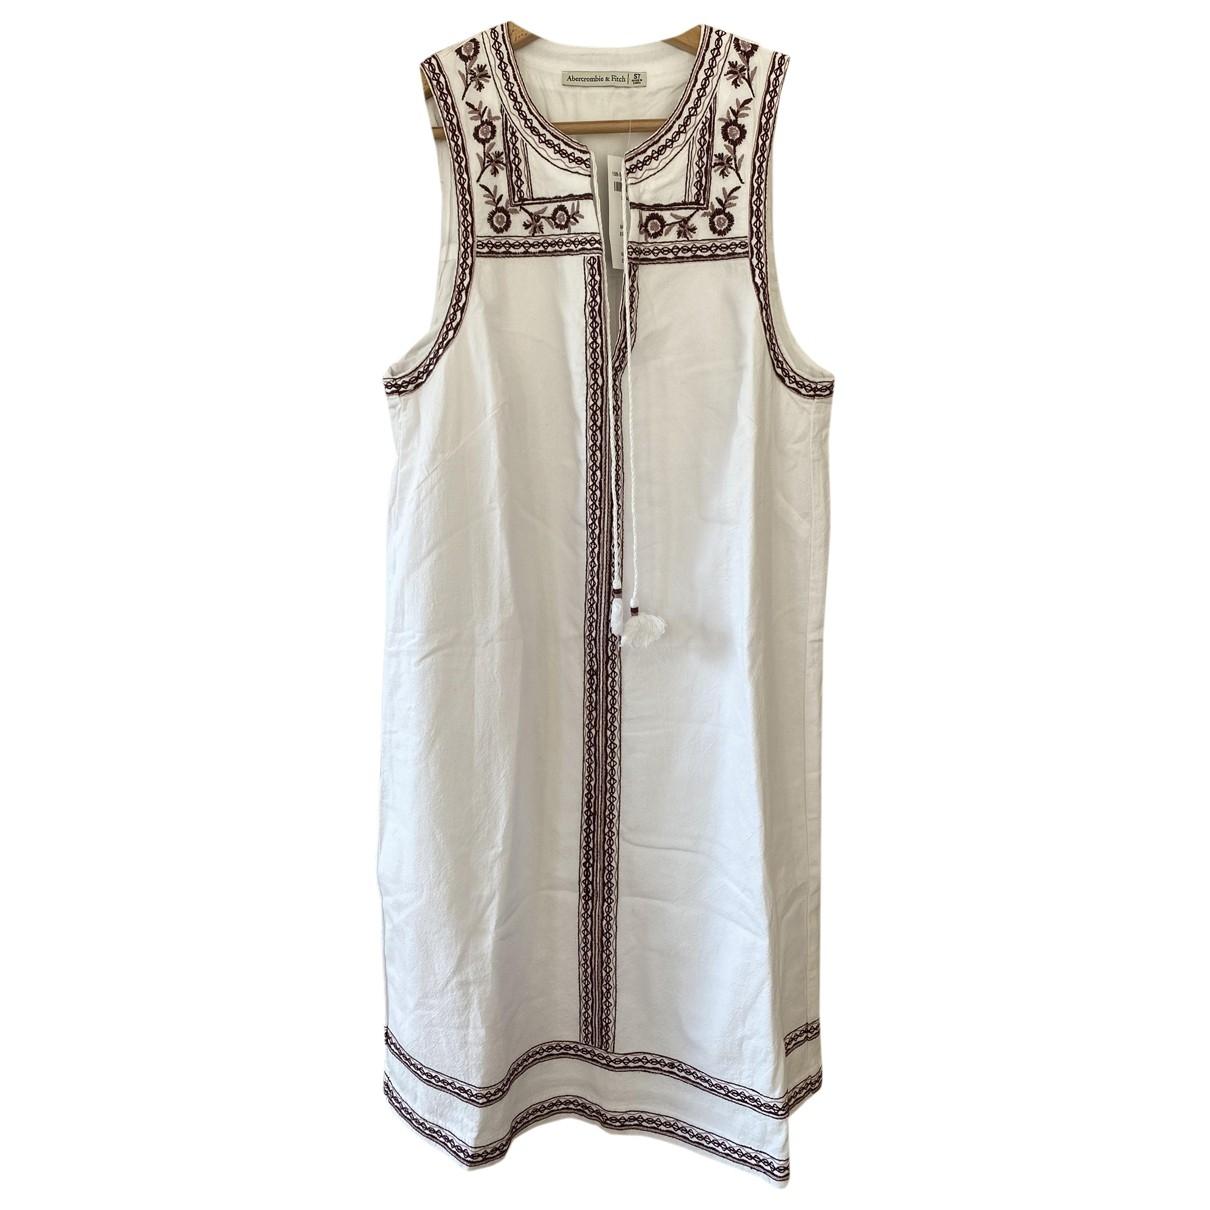 Abercrombie & Fitch - Robe   pour femme en coton - blanc